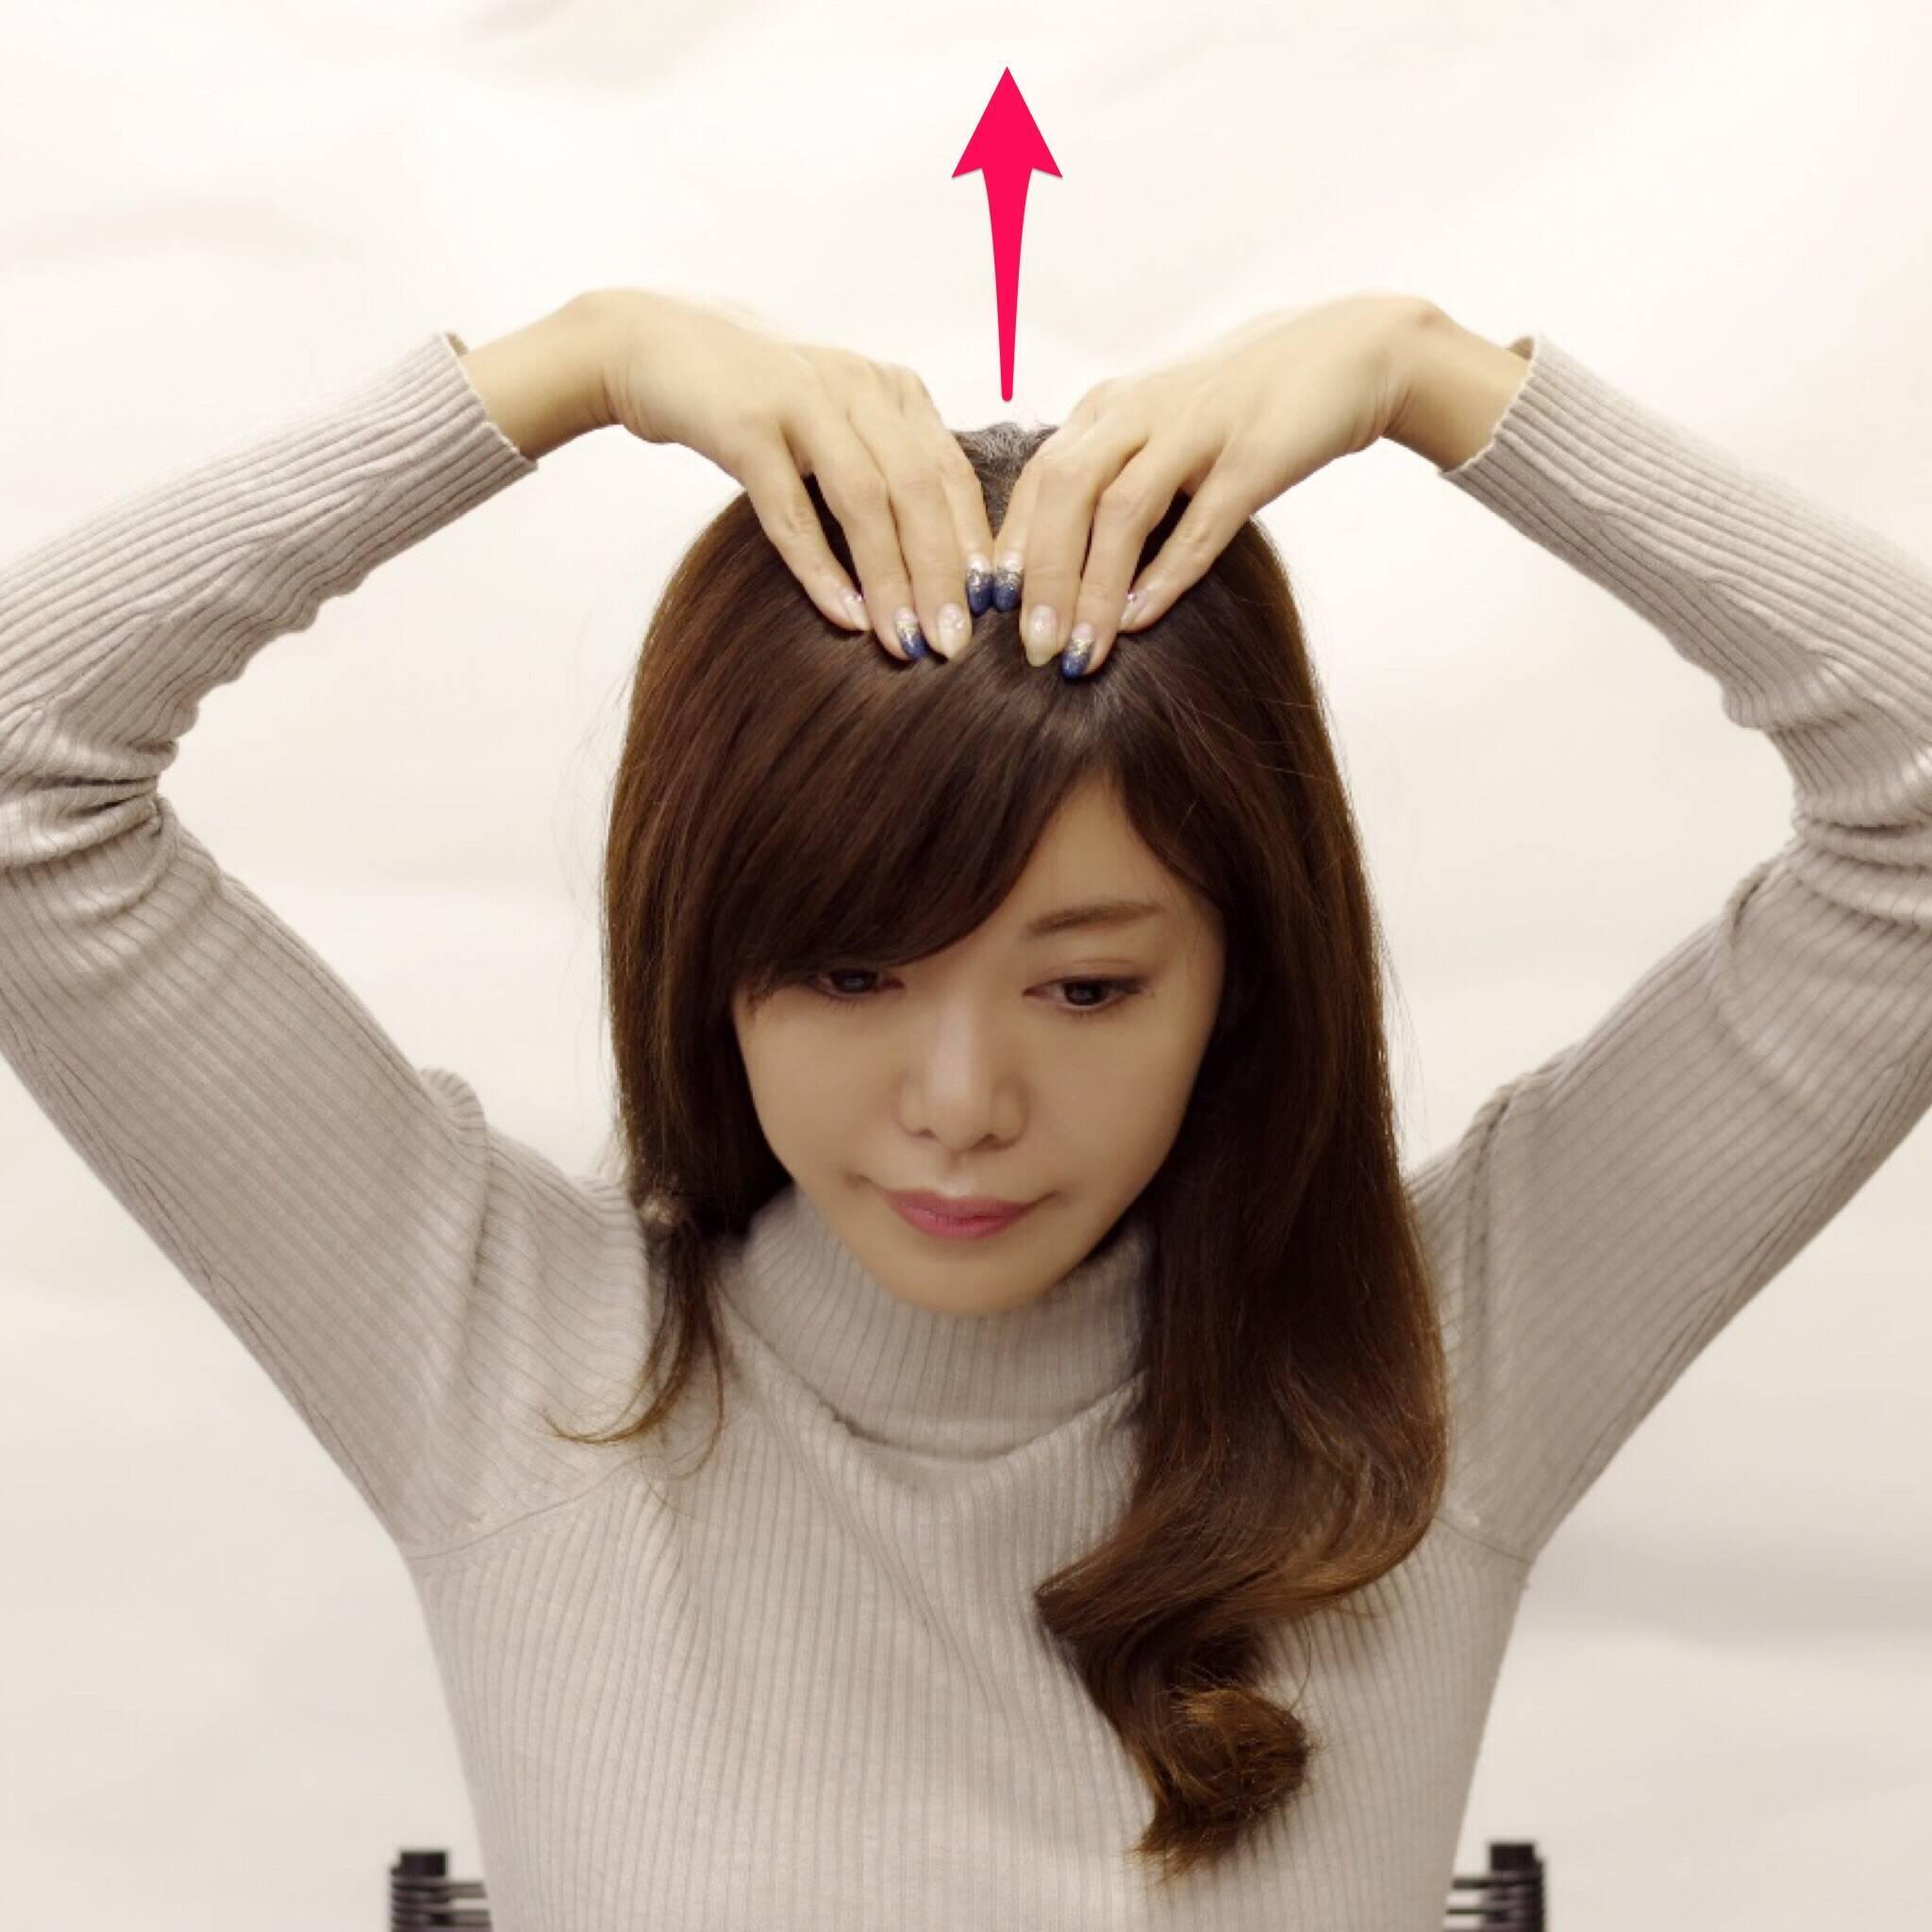 3. 生え際に指を置き、後ろに向って筋肉を引き上げます。